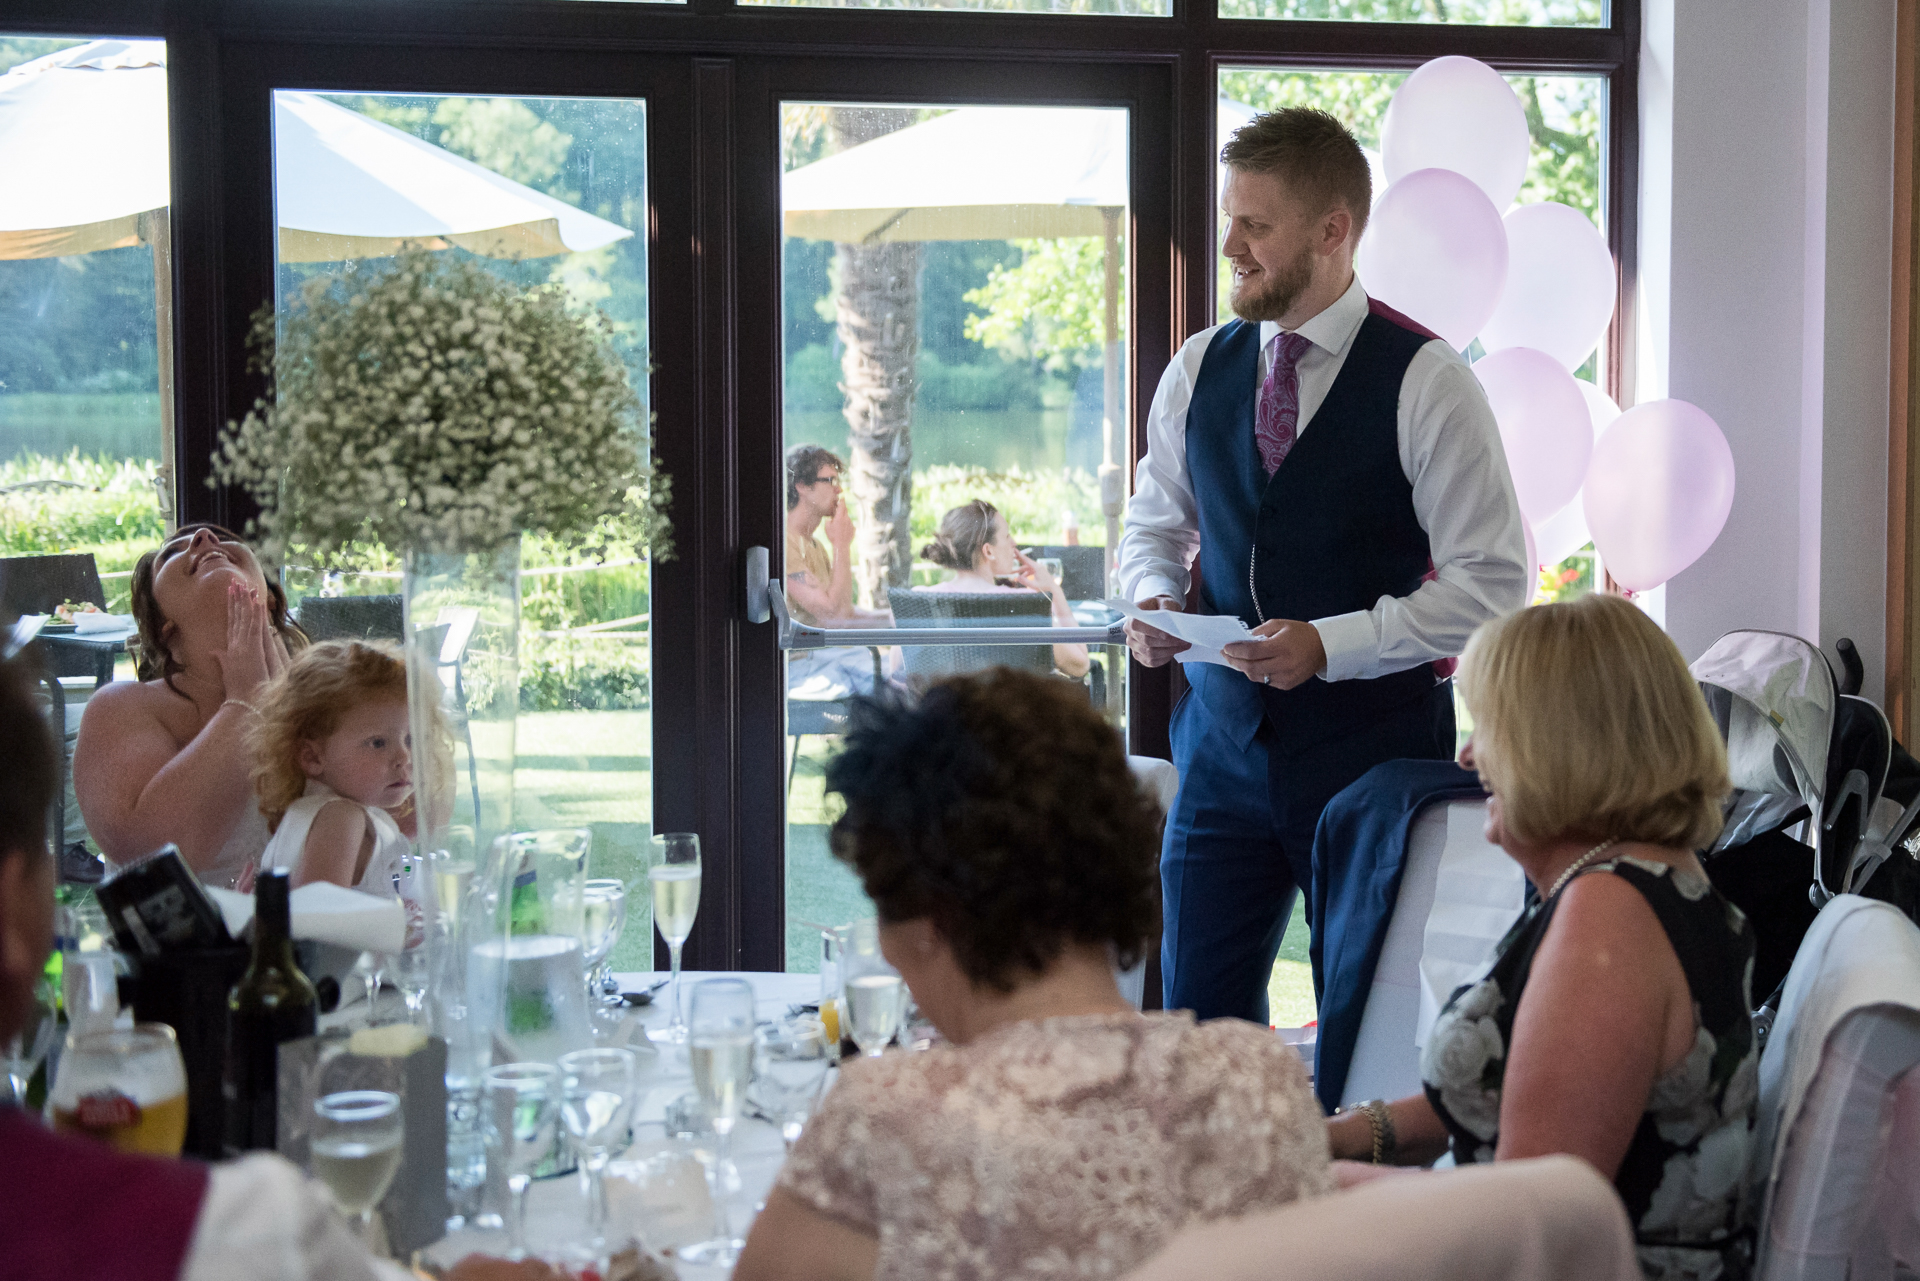 Frensham-Pond-Hotel-wedding_60.JPG